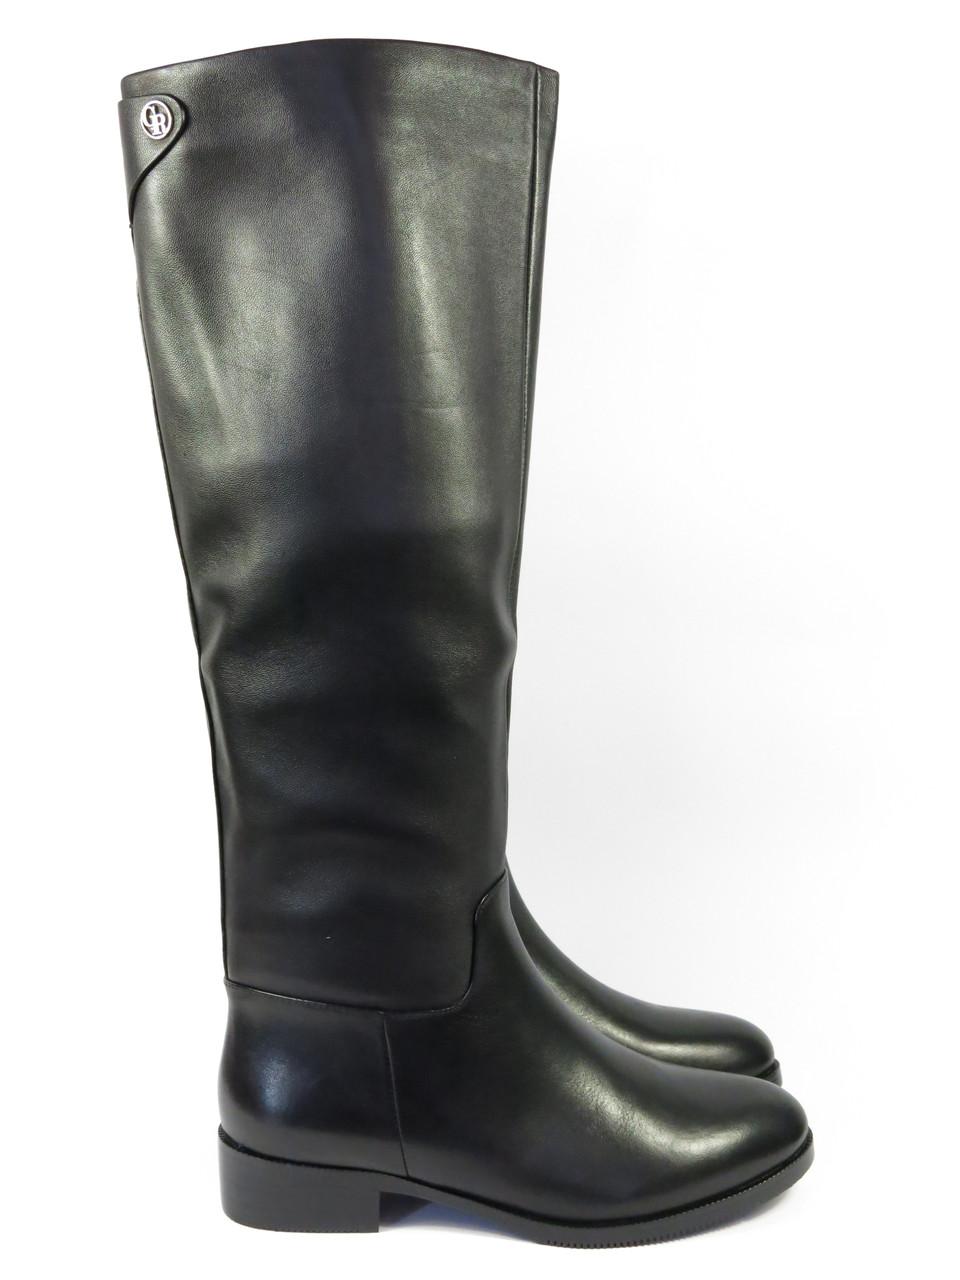 Стильные зимние сапоги на низком каблуке кожа